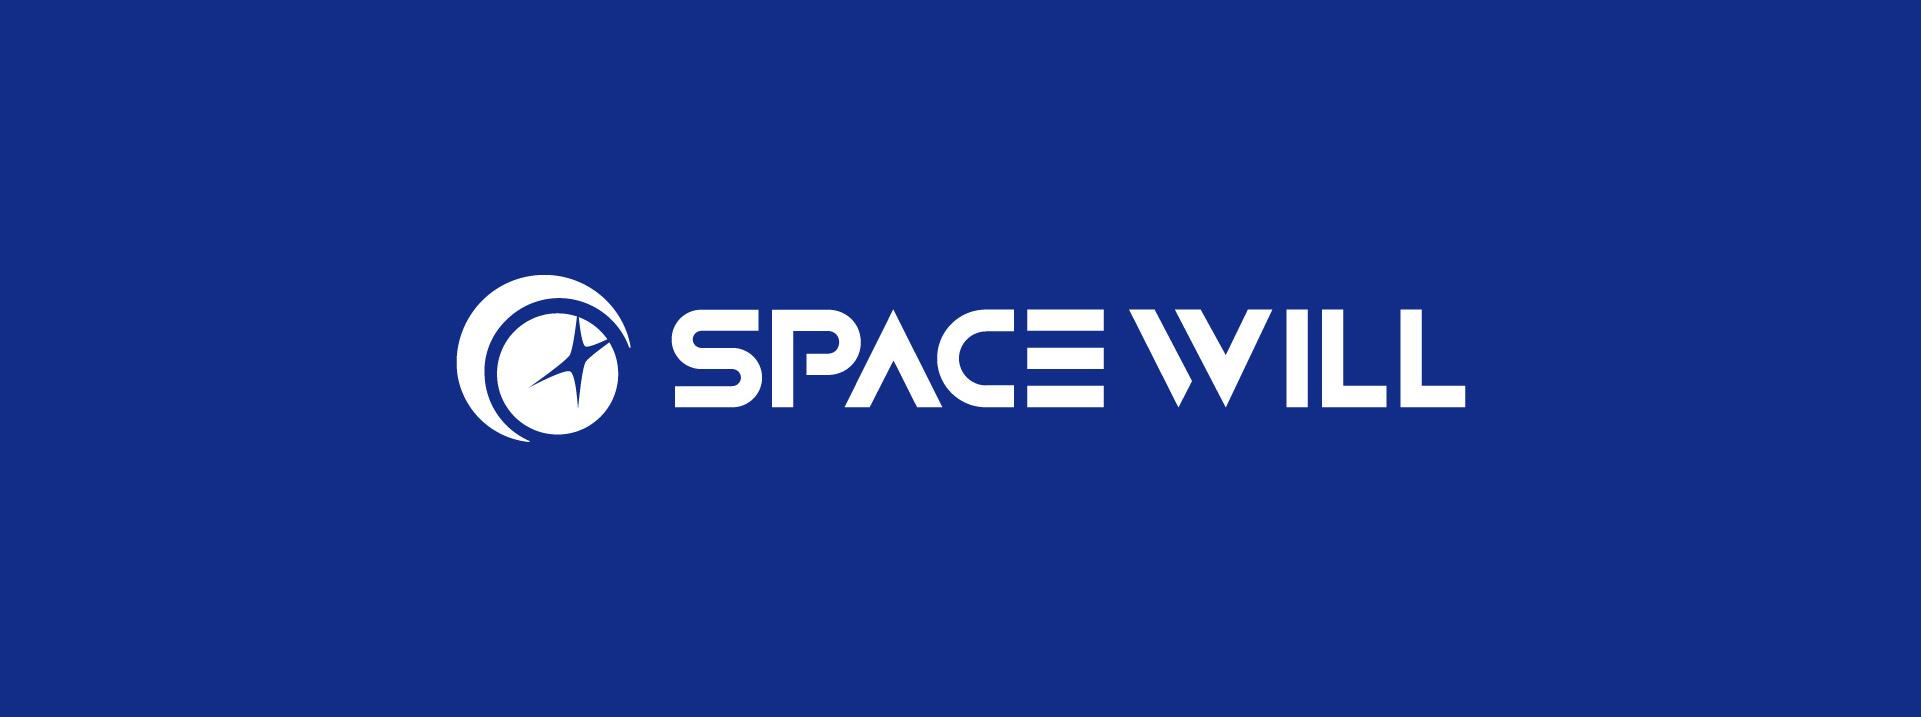 航天世景新logo